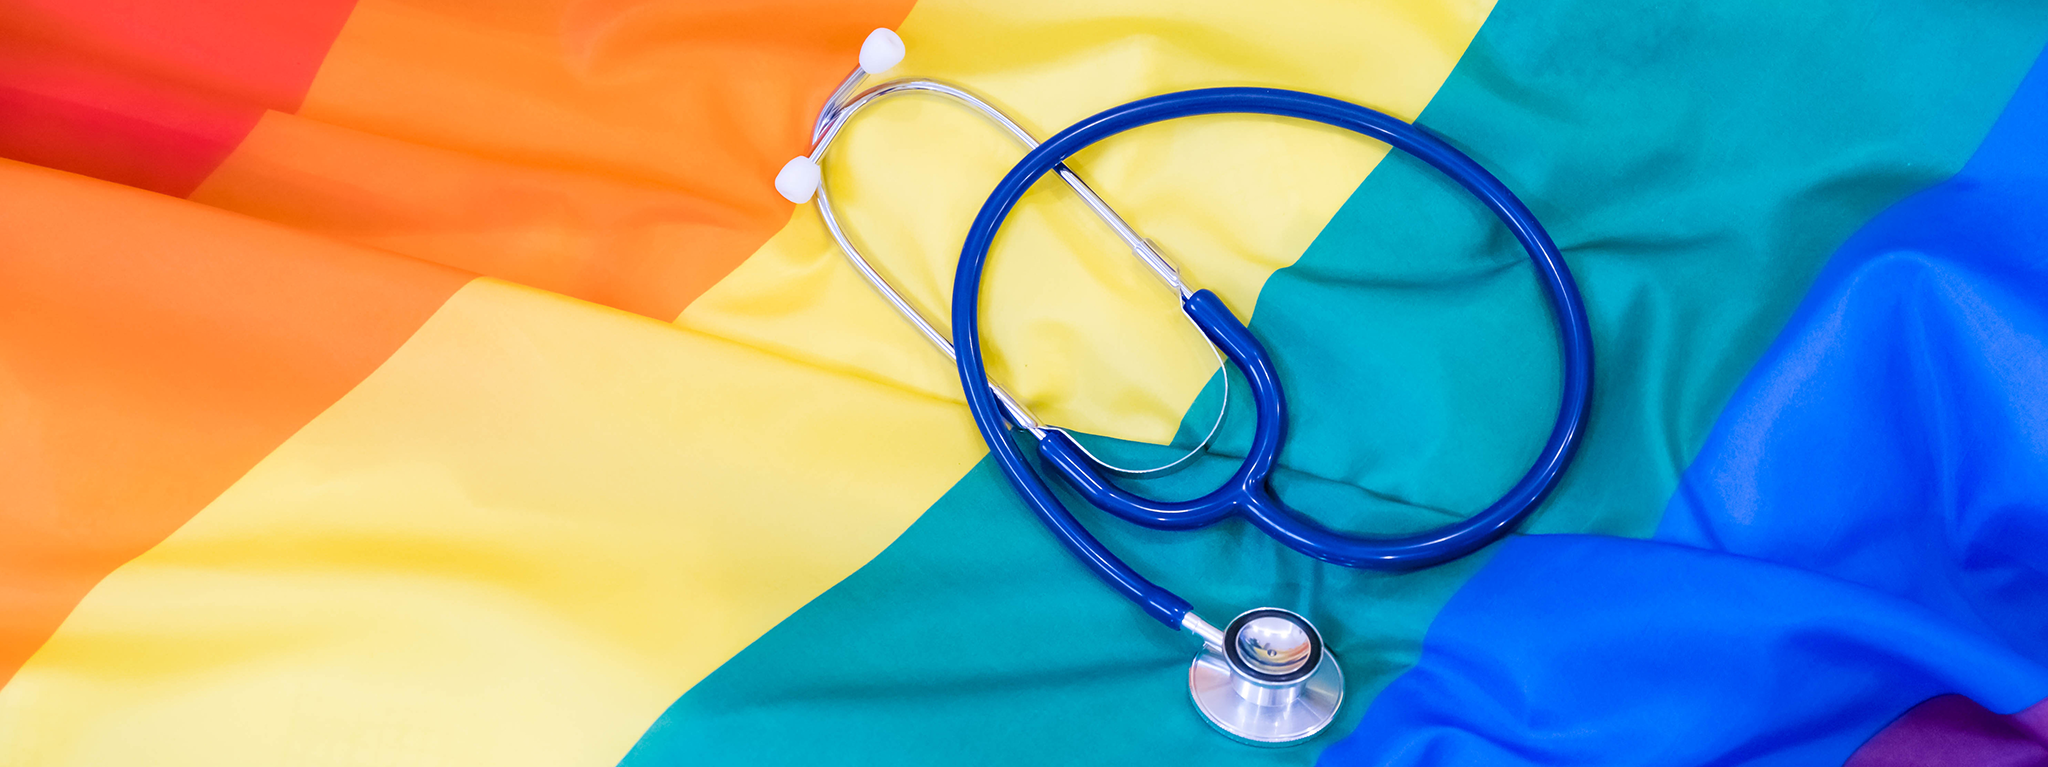 Inclusive Healthcare